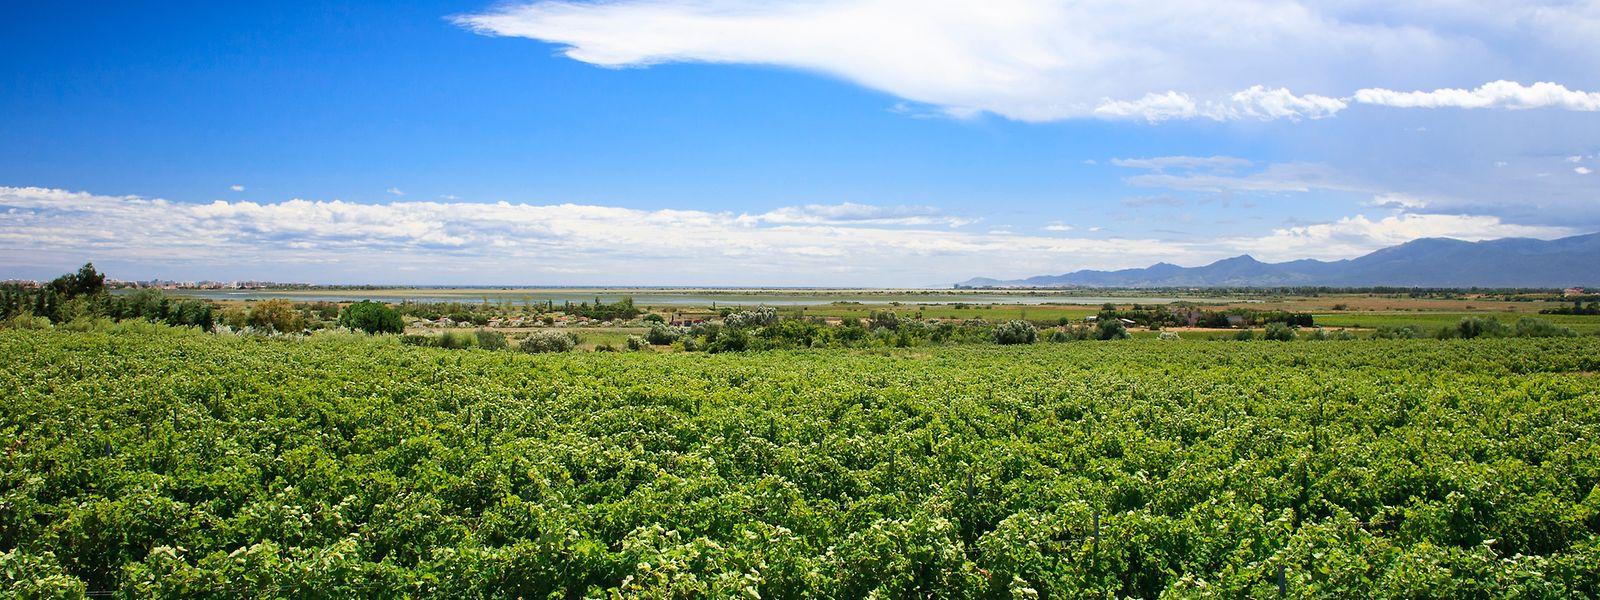 Avec 53 cépages qui y mûrissent, le Languedoc-Roussillon est la région du plus grand domaine viticole au monde.